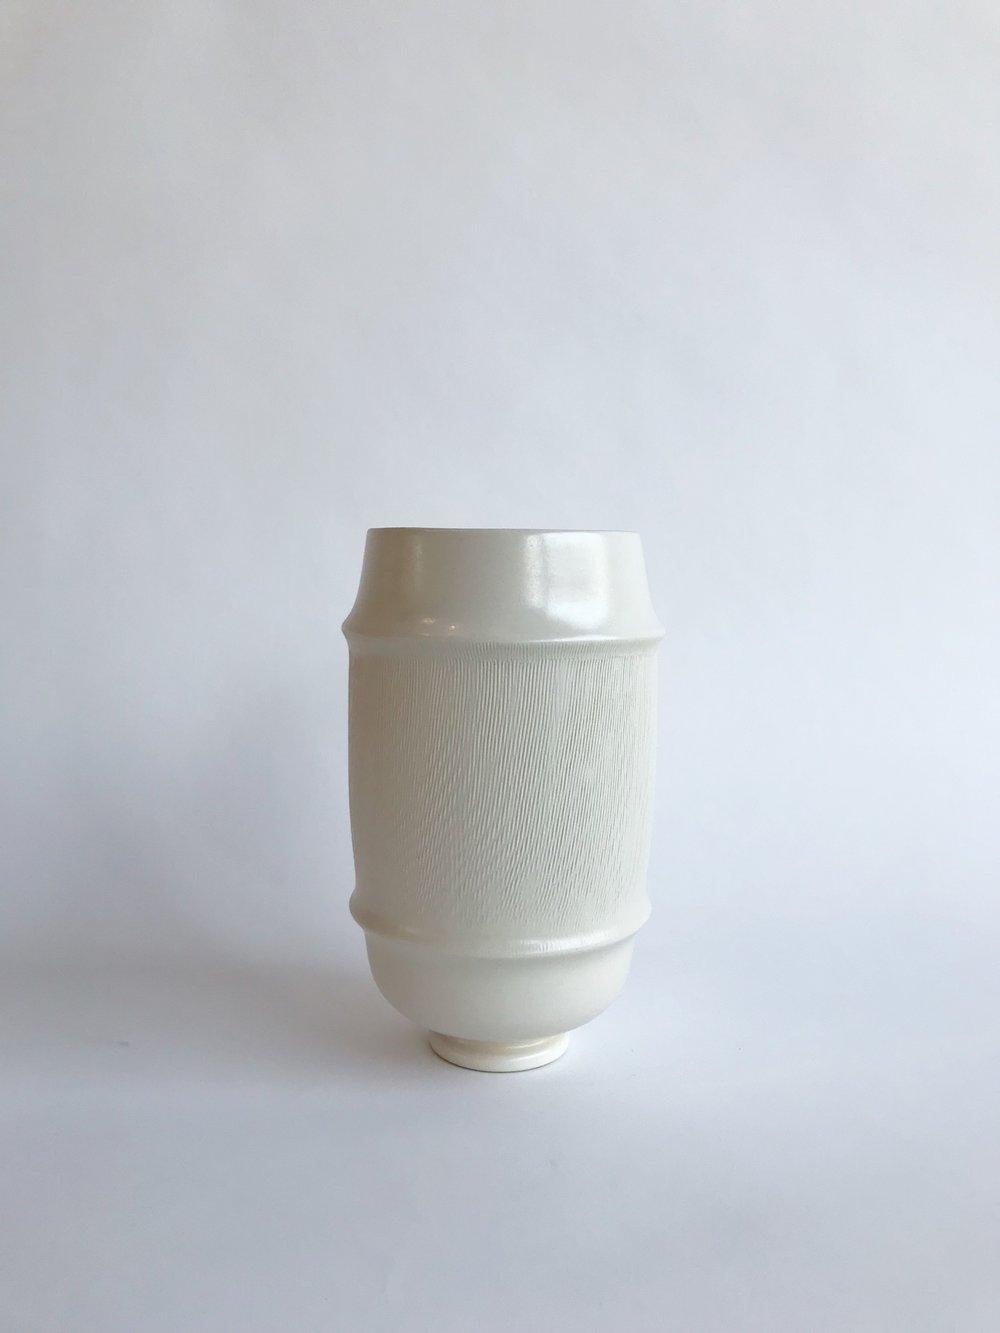 Satin white with texture